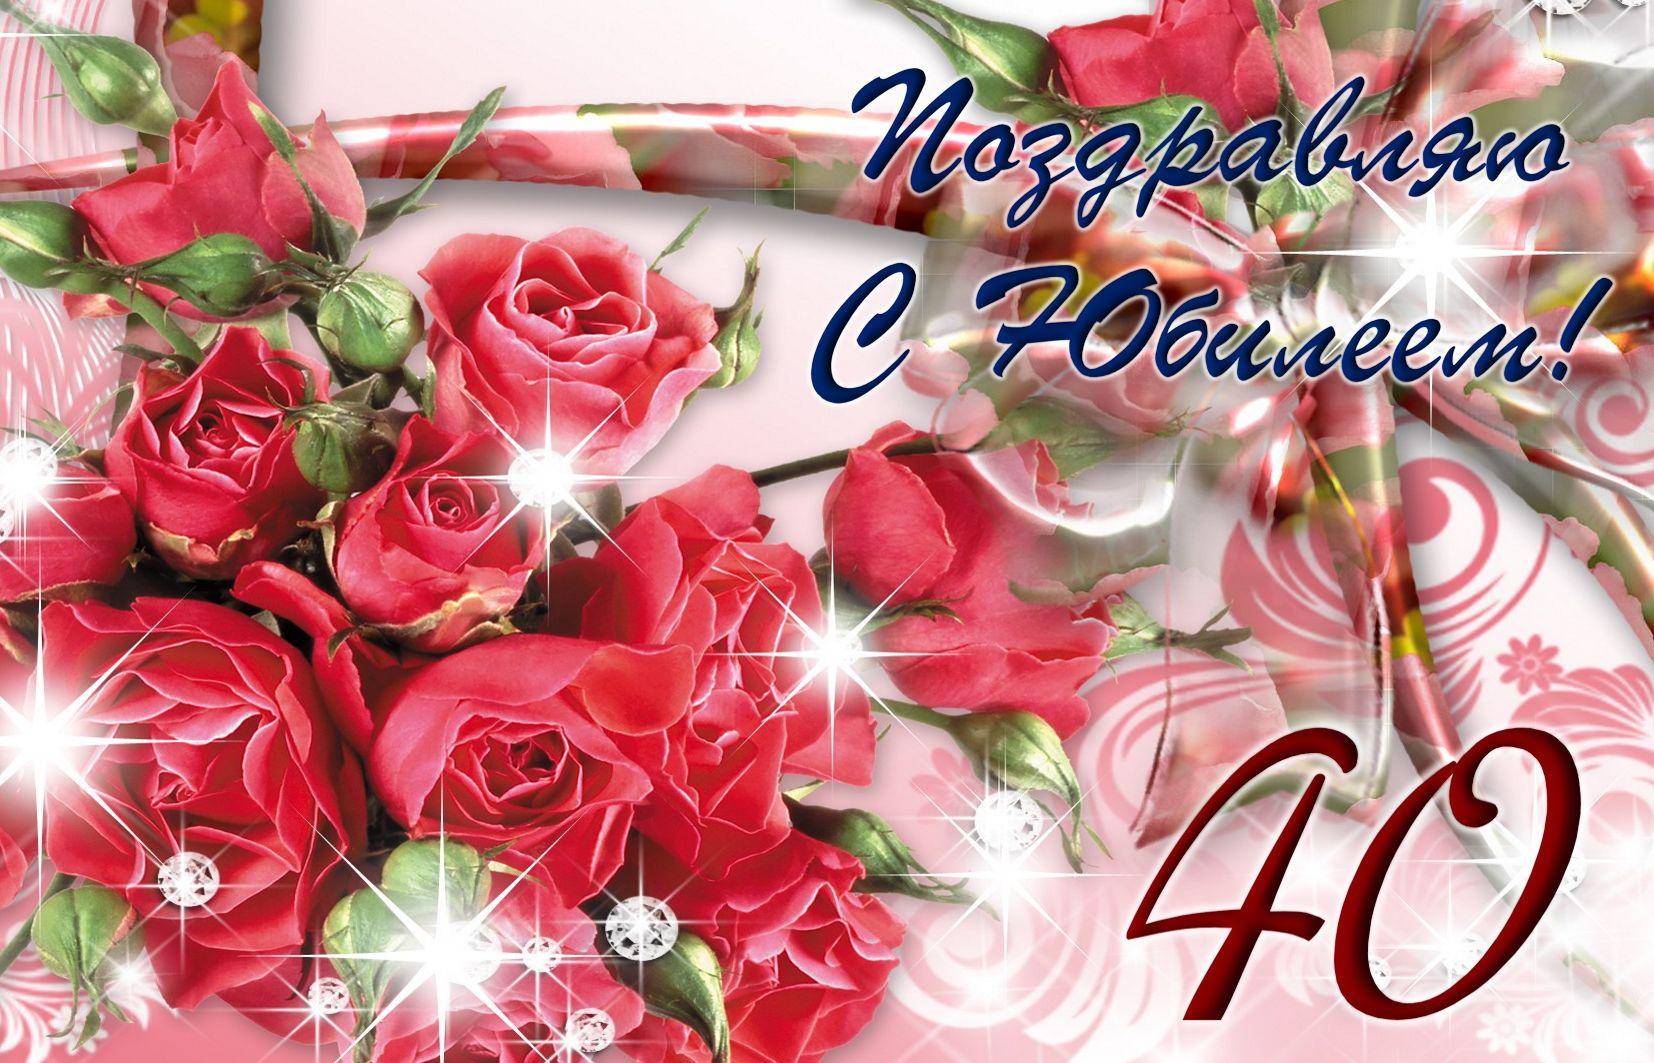 Открытка на юбилей 40 лет - розы в блестках на красивом фоне